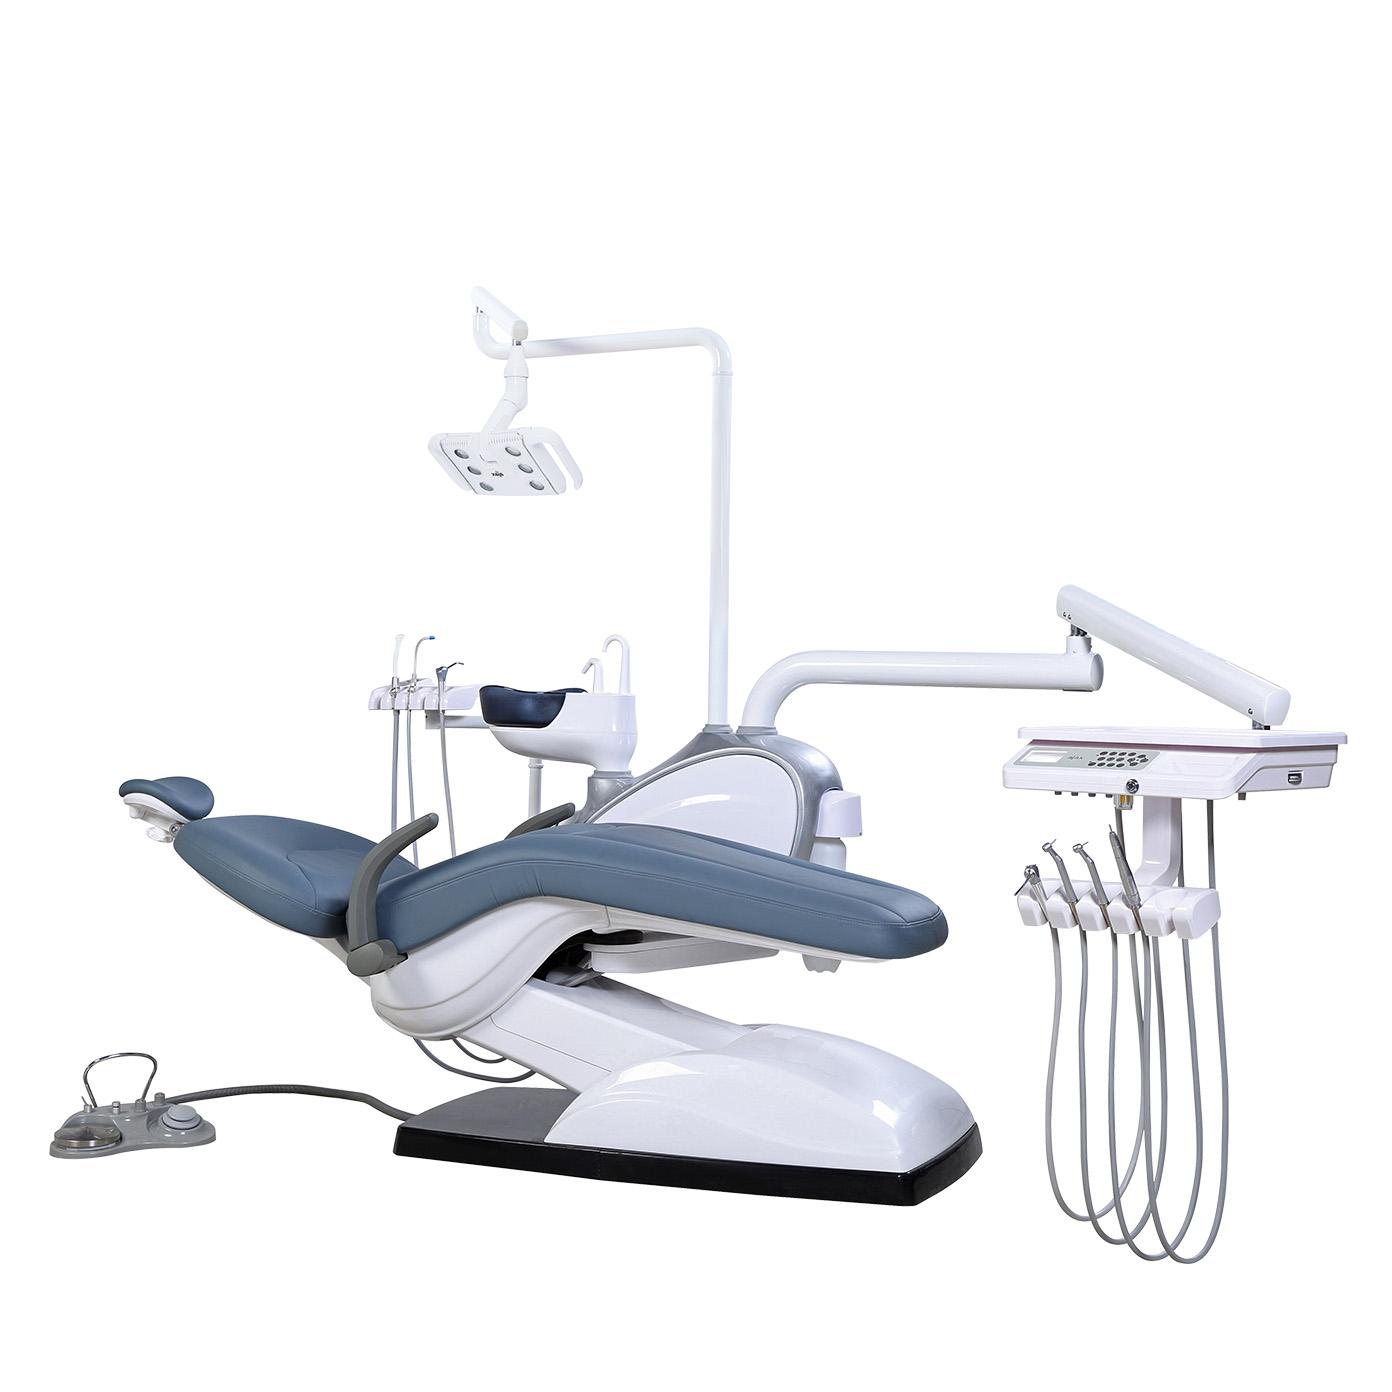 AJ18 牙科综合治疗机